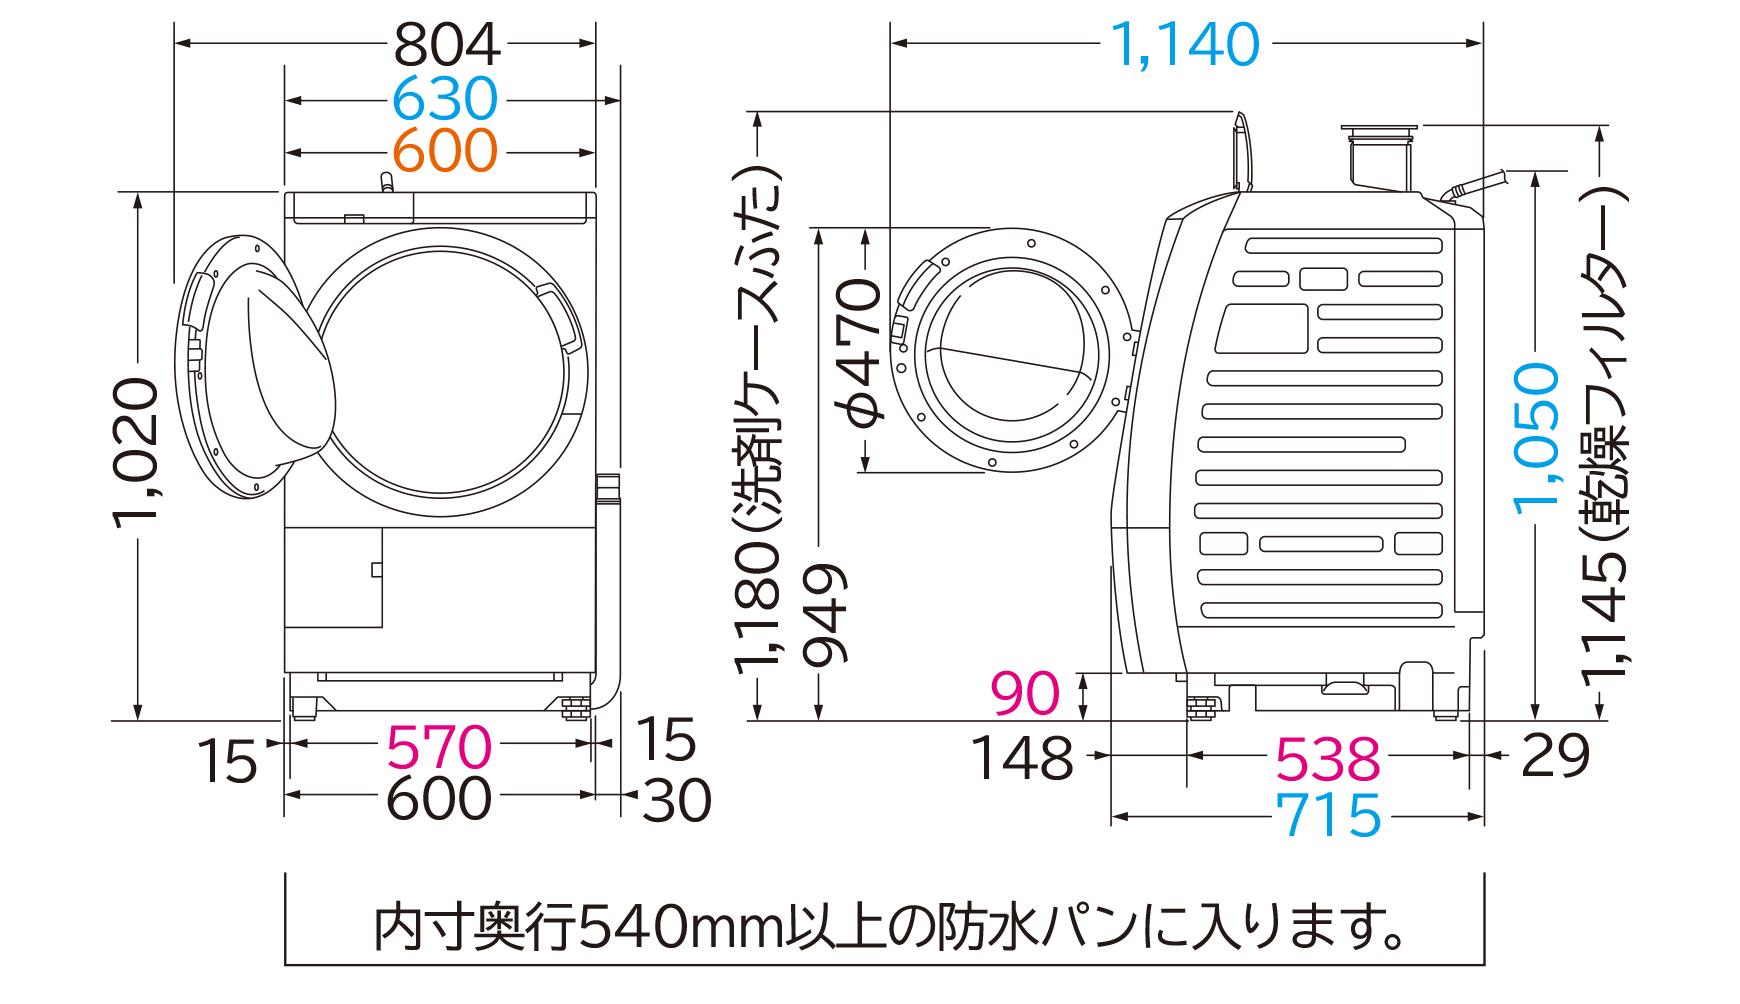 日立 洗濯 機 bd s8800l